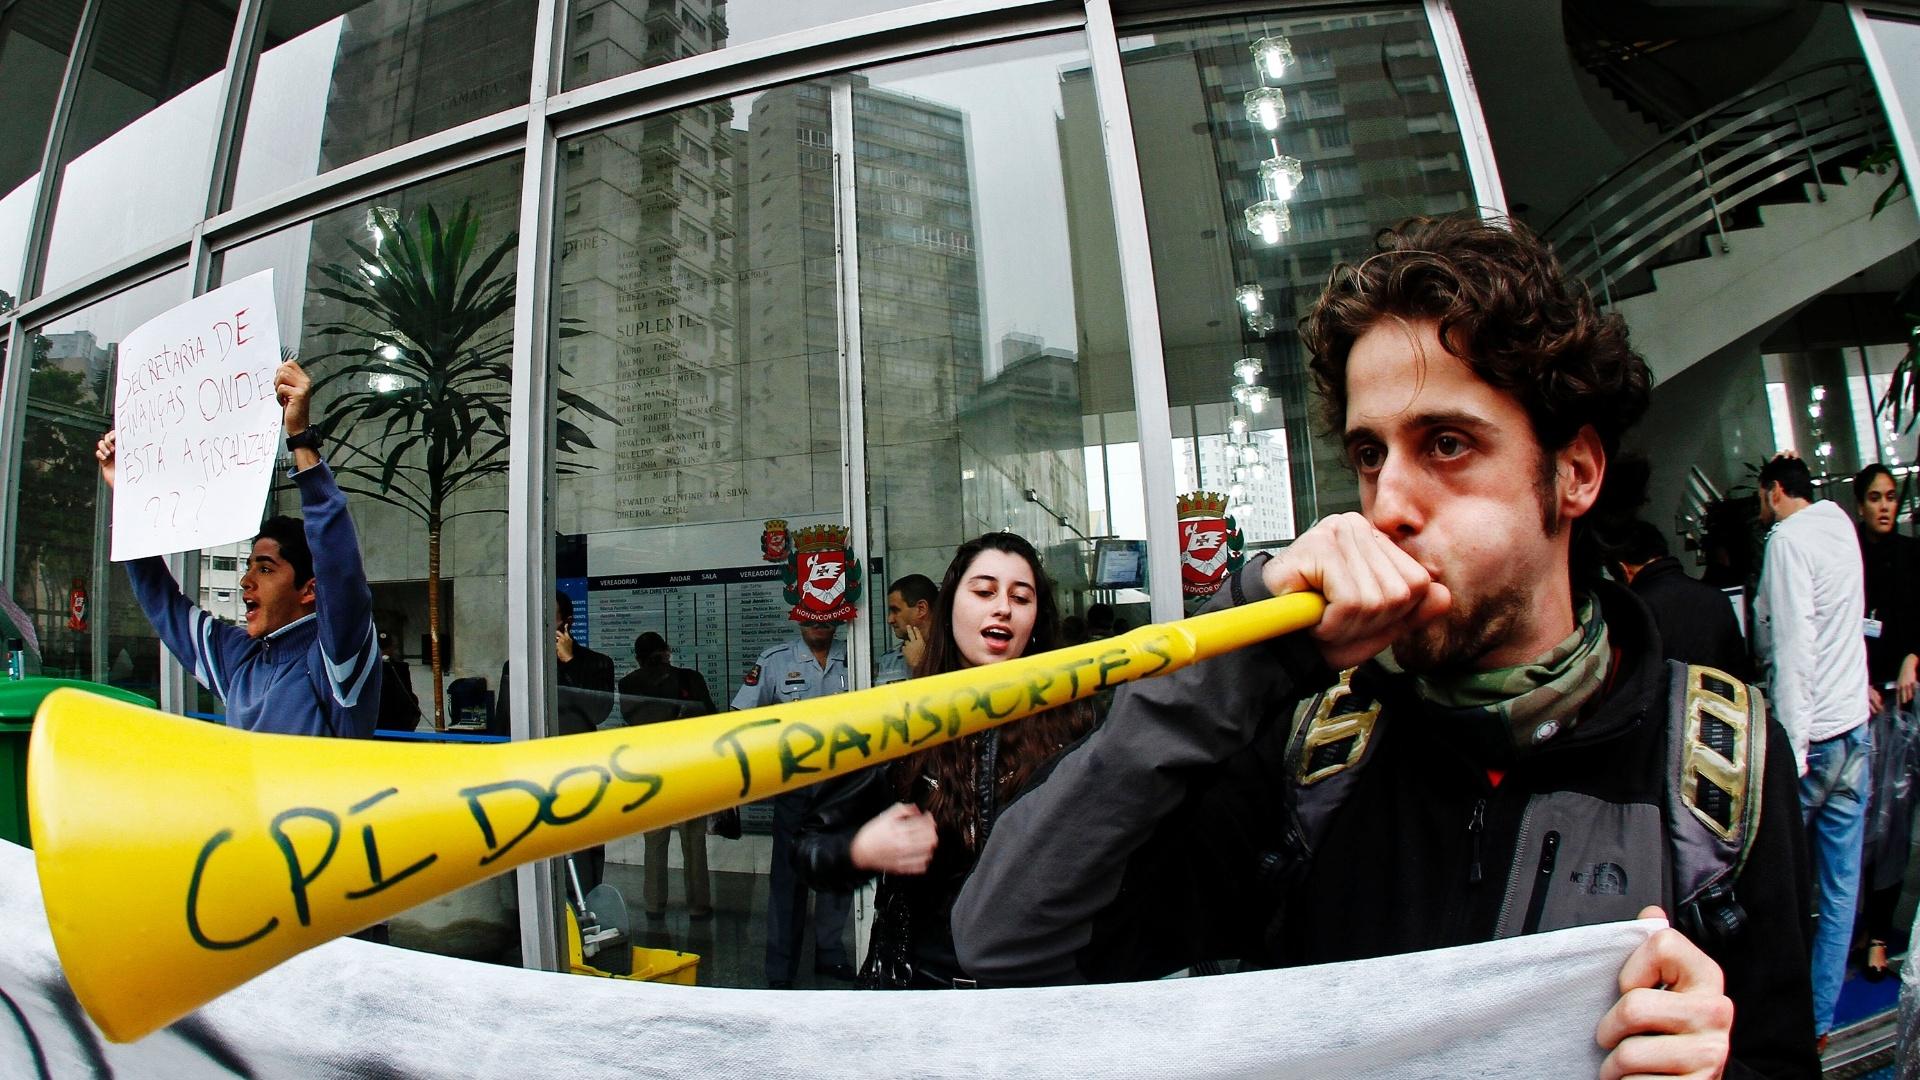 25jun2013---manifestantes-protestam-em-frente-ao-predio-da-camara-dos-vereadores-de-sao-paulo-na-tarde-desta-terca-feira-25-pedindo-a-abertura-da-cpi-dos-transportes-publicos-